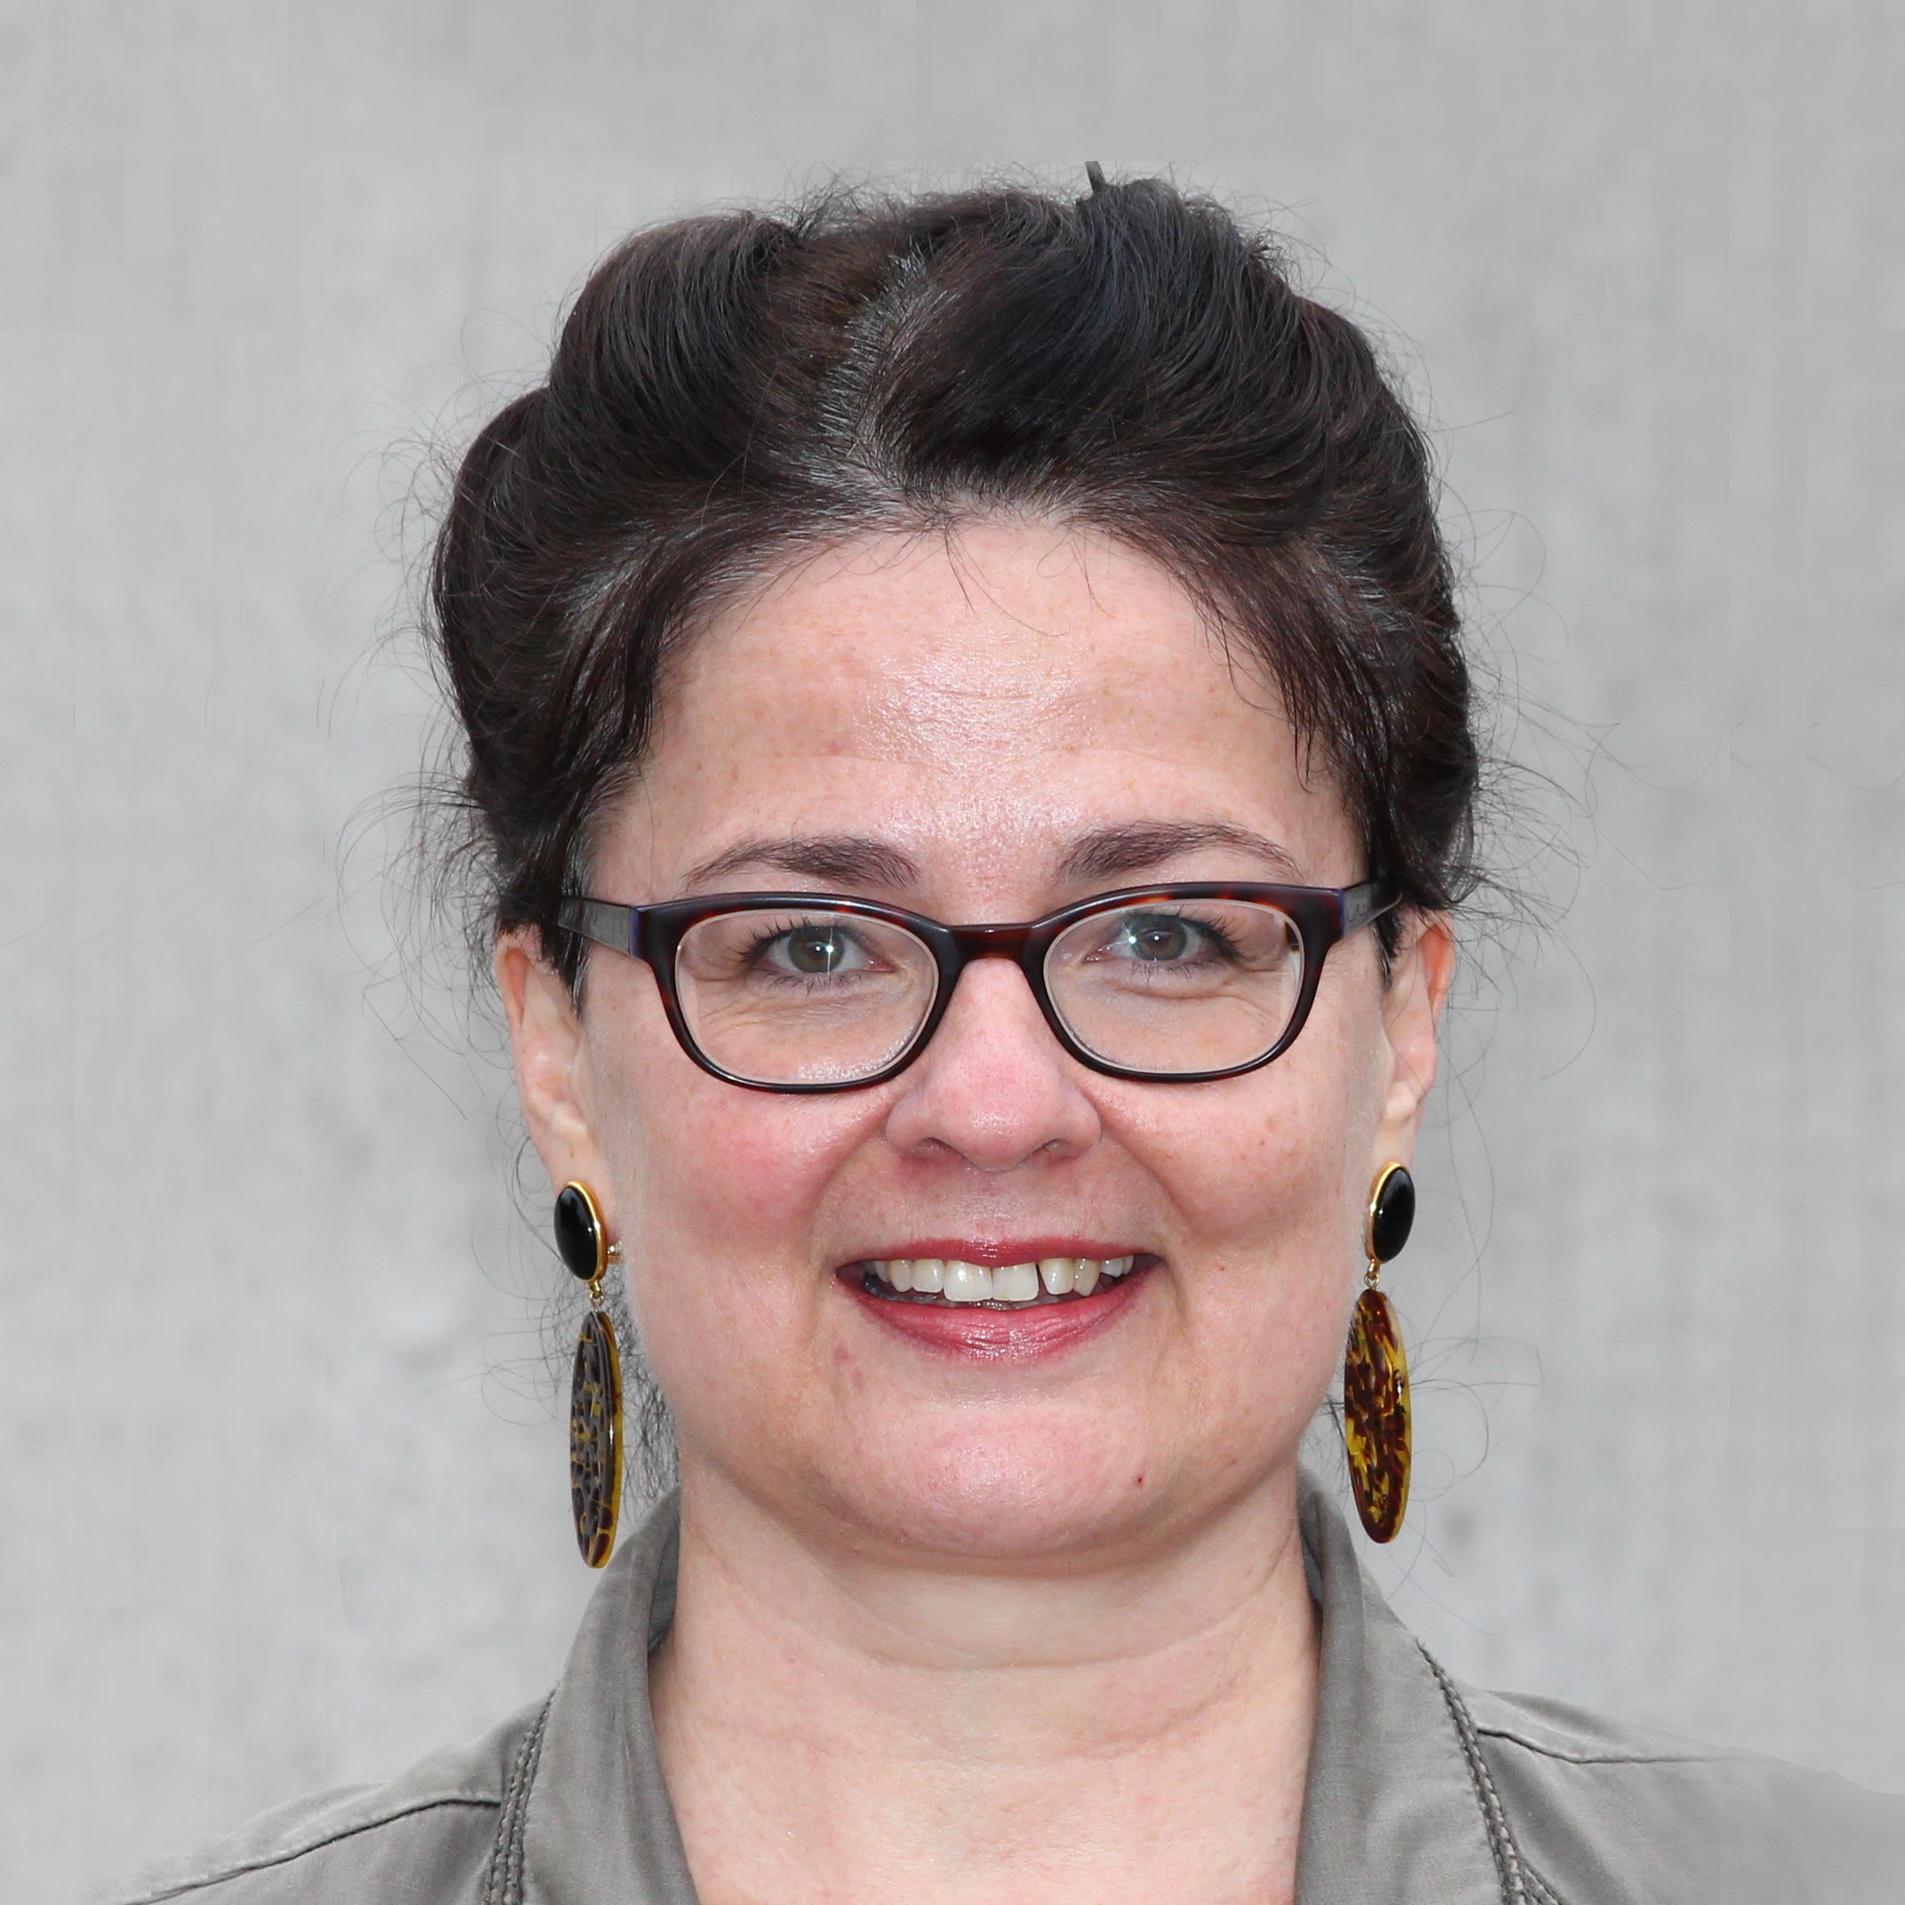 Dr. Annemarie Mertens - Yoga Philosophie   In ihrer Jugend, ist Annemarie mit ihrem Vater mehrfach durch Indien gereist. Schon damals fasste sie den Entschluss, sich später einmal intensiv mit diesem Land zu befassen und Indologin zu werden. Nach dem Studium der Indologie,Vorderasiatischen Archäologie und Philosophie in Münster/ Westfalen kam sie 1997 an die Universität Zürich.  Annemarie gibt Sprach- und Lektürekurse sowie Seminare zur indischen Kulturgeschichte – z.B. zur Religion, Philosophie, Literatur und Gesellschaft. In der Yogalives-Ausbildung möchte Annemarie den künftigen Yoga-Lehrenden einen fundierten Überblick über massgebliche historische Hintergründe sowie zentrale Erscheinungsformen und Konzepte der Yoga-Tradition geben. Dies soll den Lernenden helfen, einen persönlichen Zugang zu den für ihre erfolgreiche Berufstätigkeit grundlegenden indischen Texten und Lehren zu finden